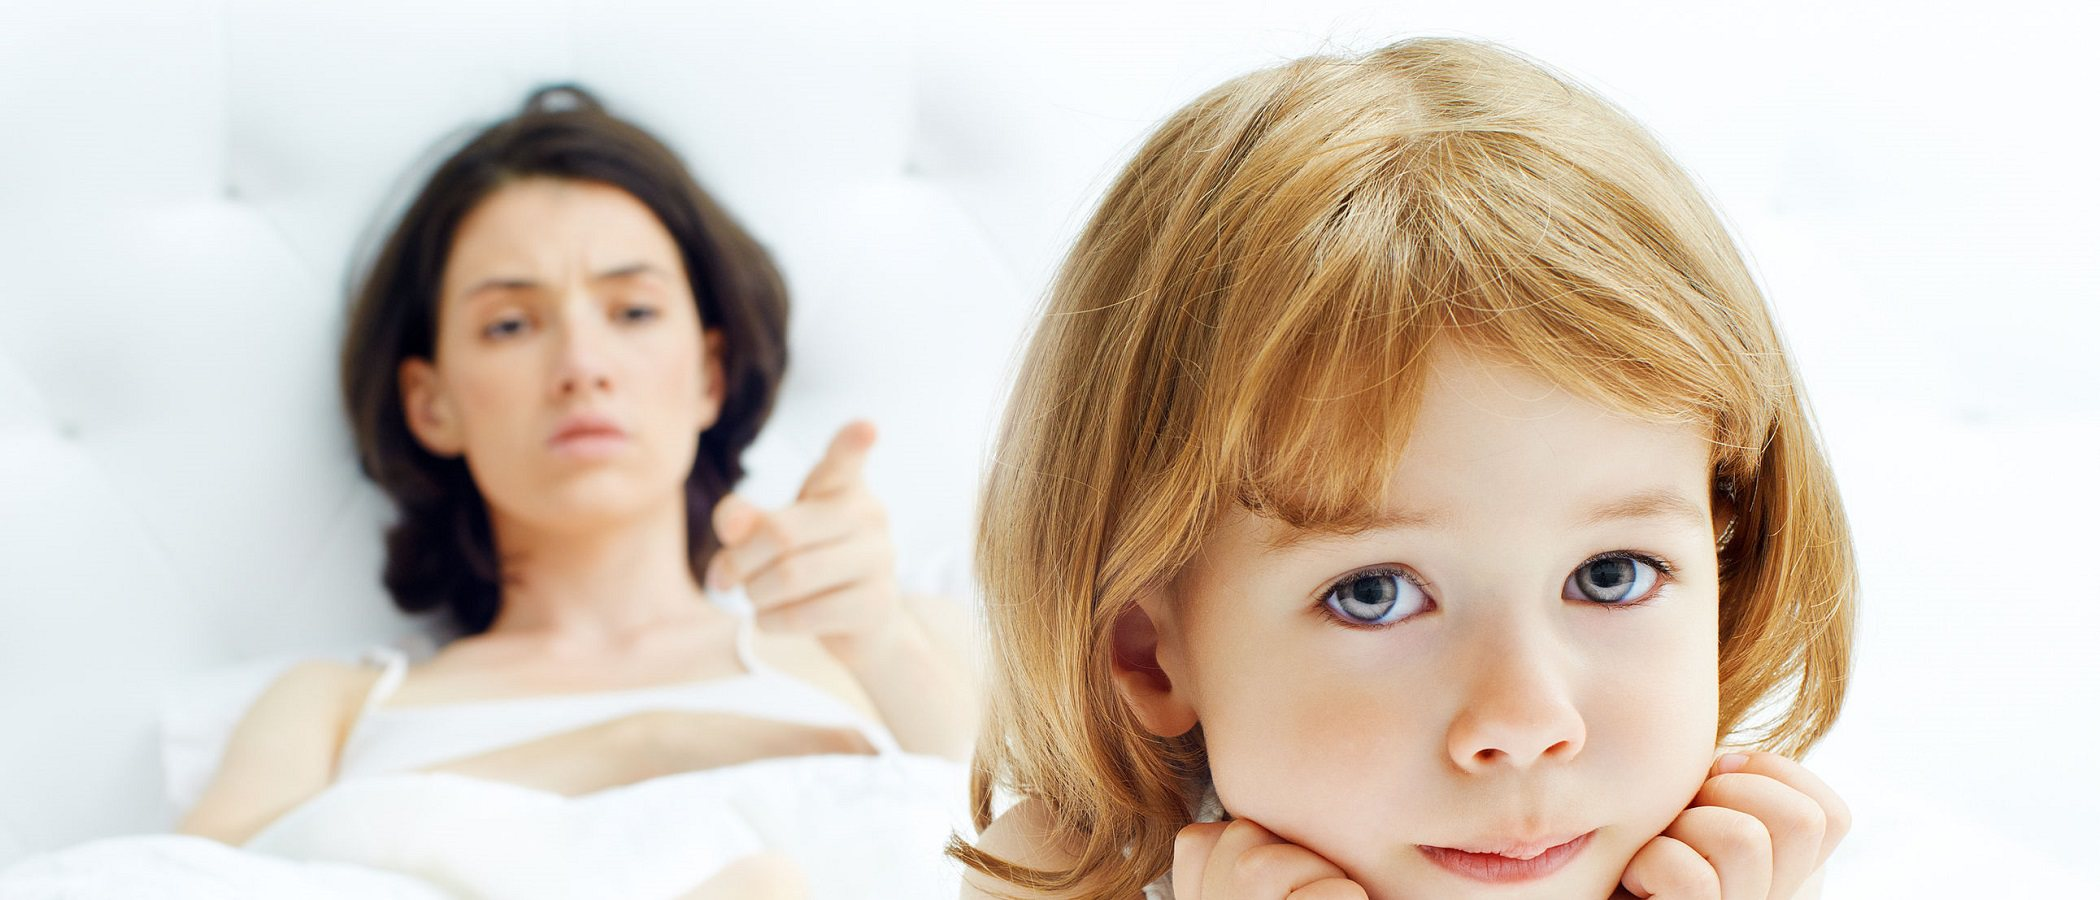 Por qué tus hijos necesitan buena disciplina